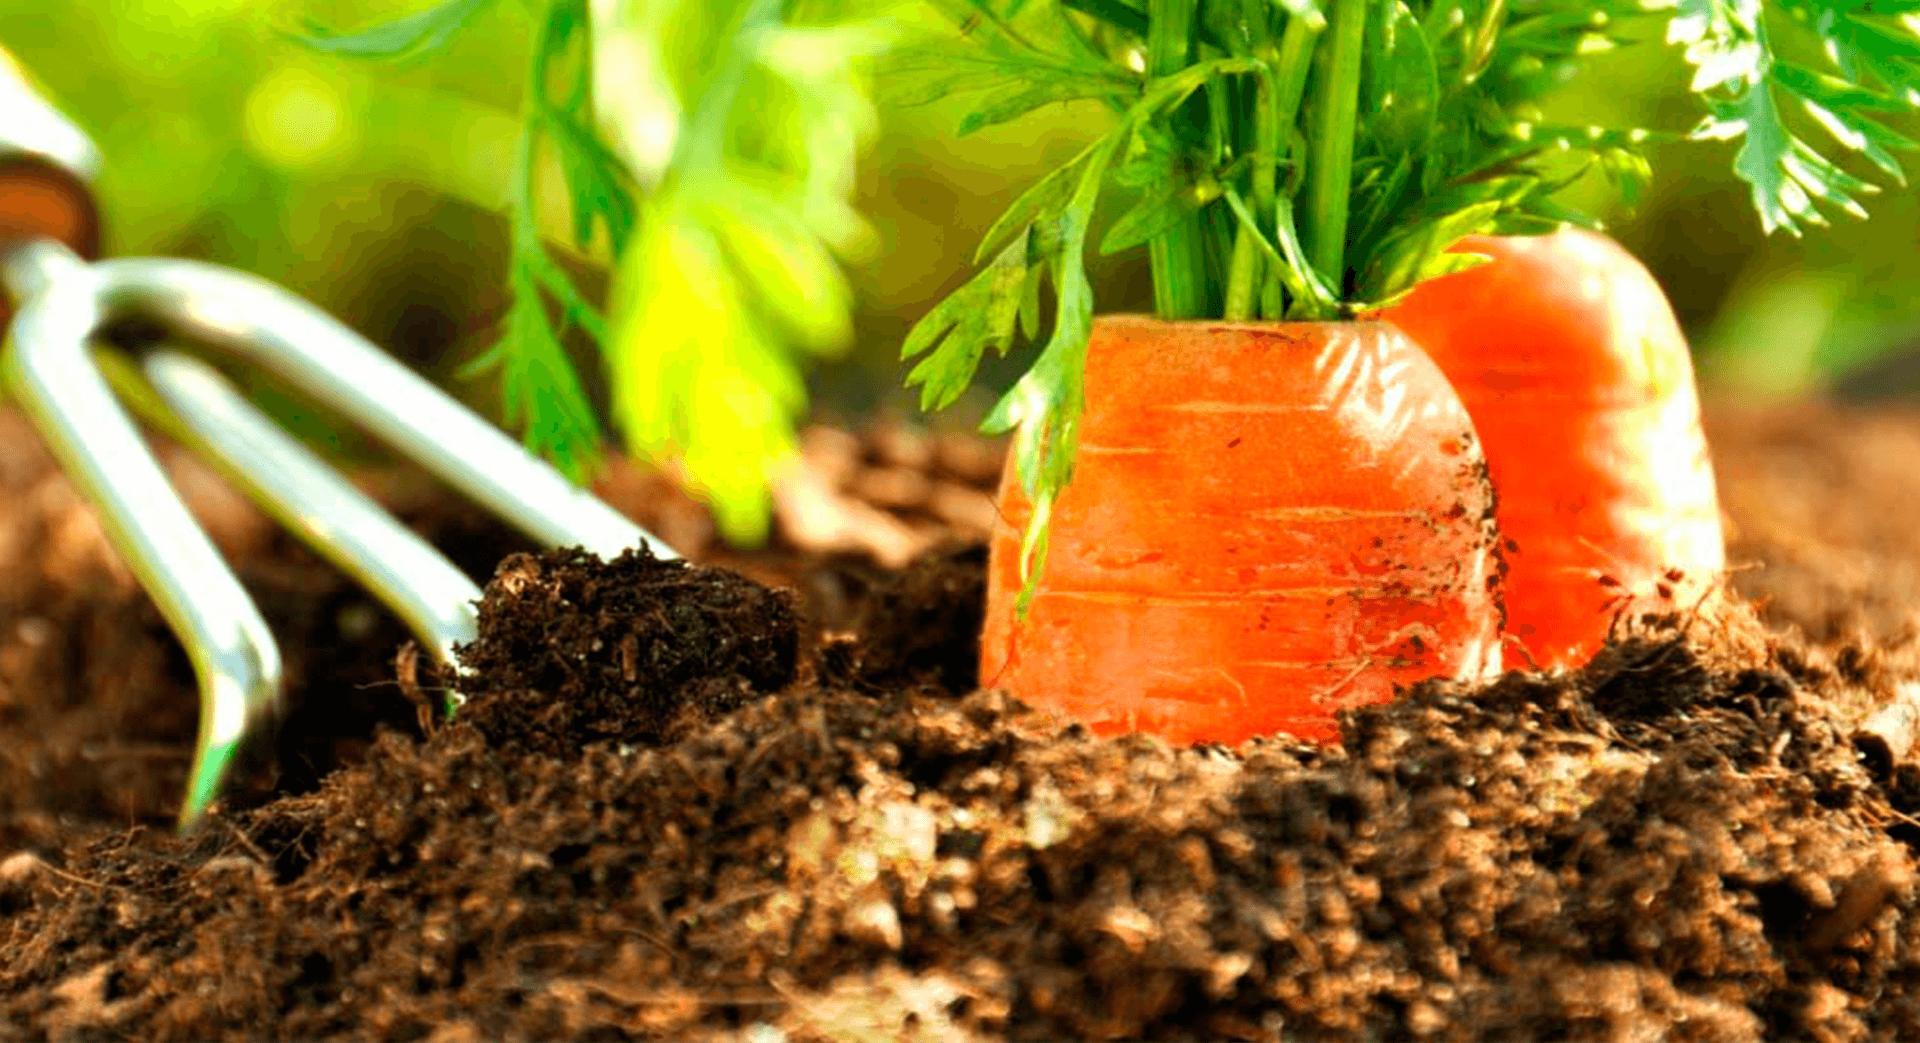 Как сажать морковь. Когда сажать морковь в открытый грунт